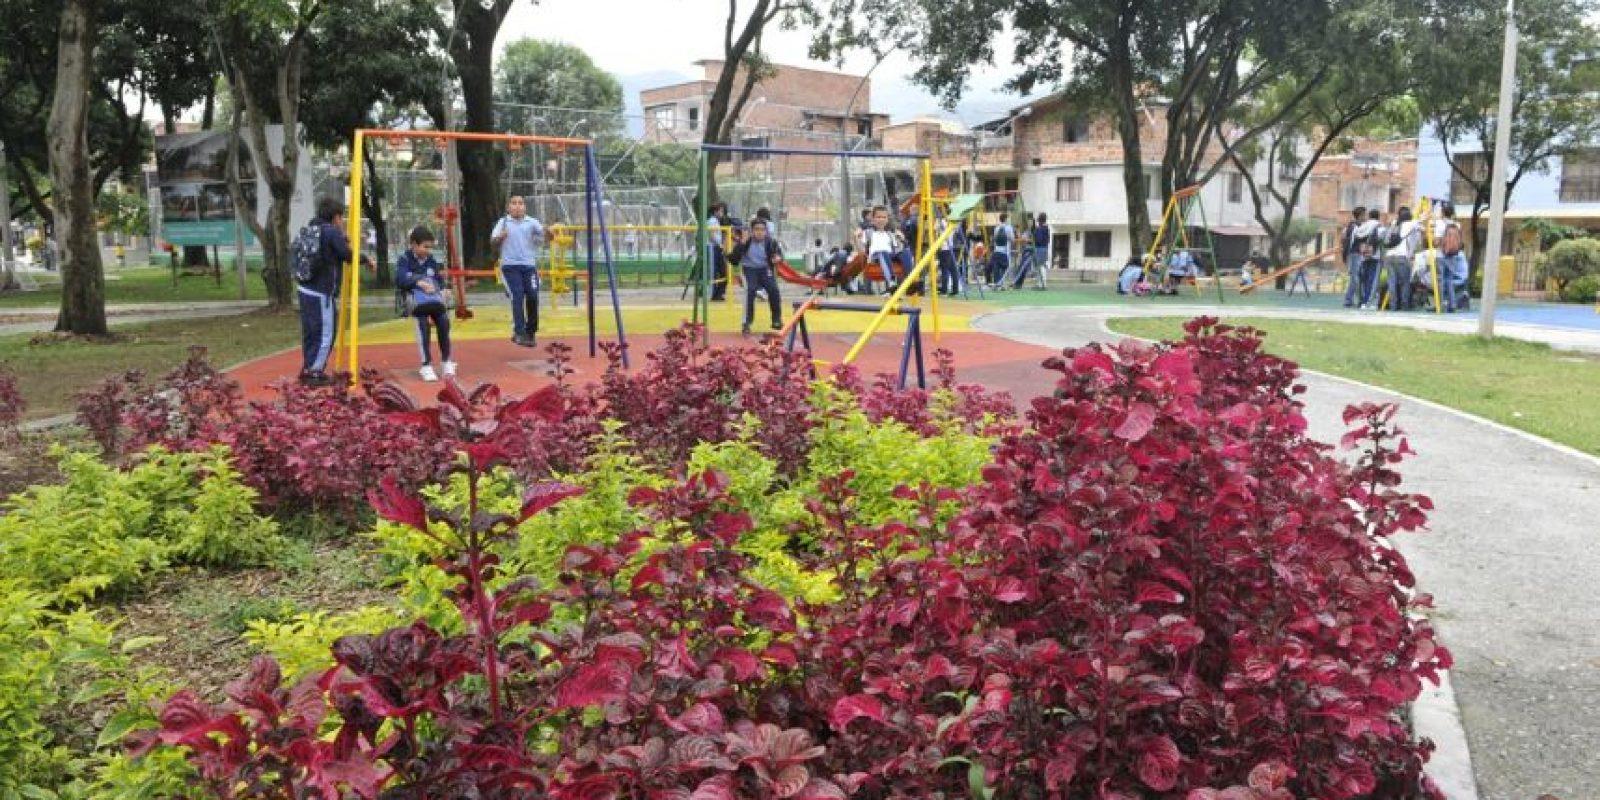 El barrio Belén ocupa el primer lugar según el urbanista y arquitecto Luis Fernando Arbeláez. Foto:Cortesía: Fotos Vidal – Alcaldía de Medellín